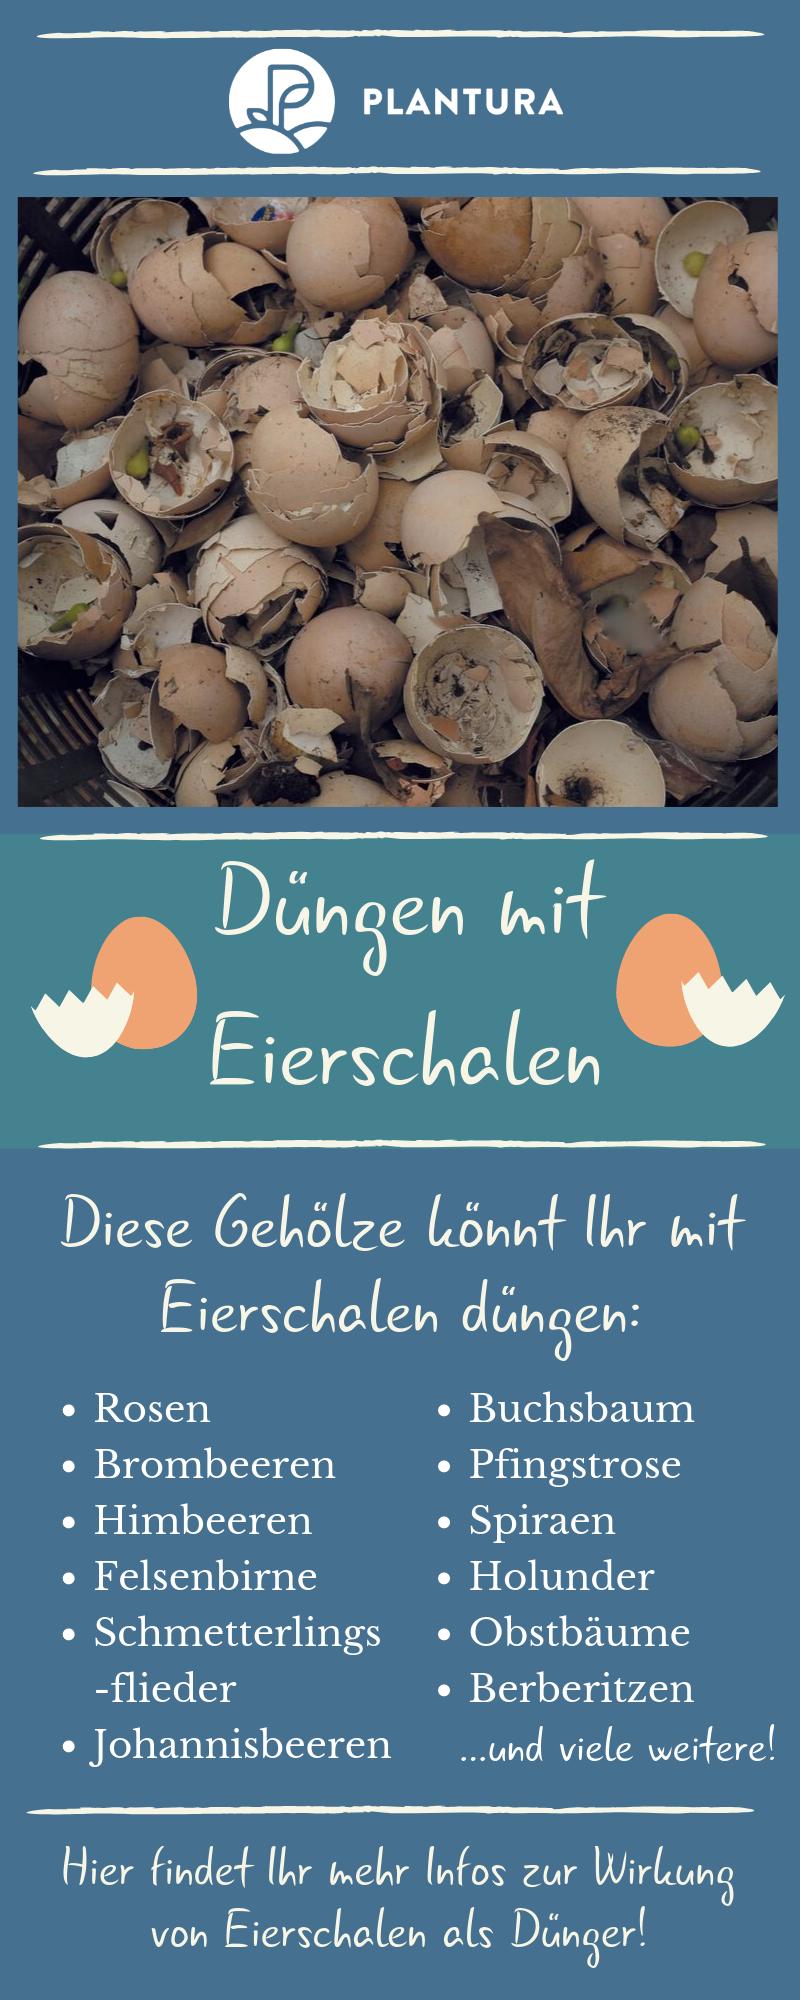 Eierschalen als Dünger: Anwendung & Wirkung #patioplants